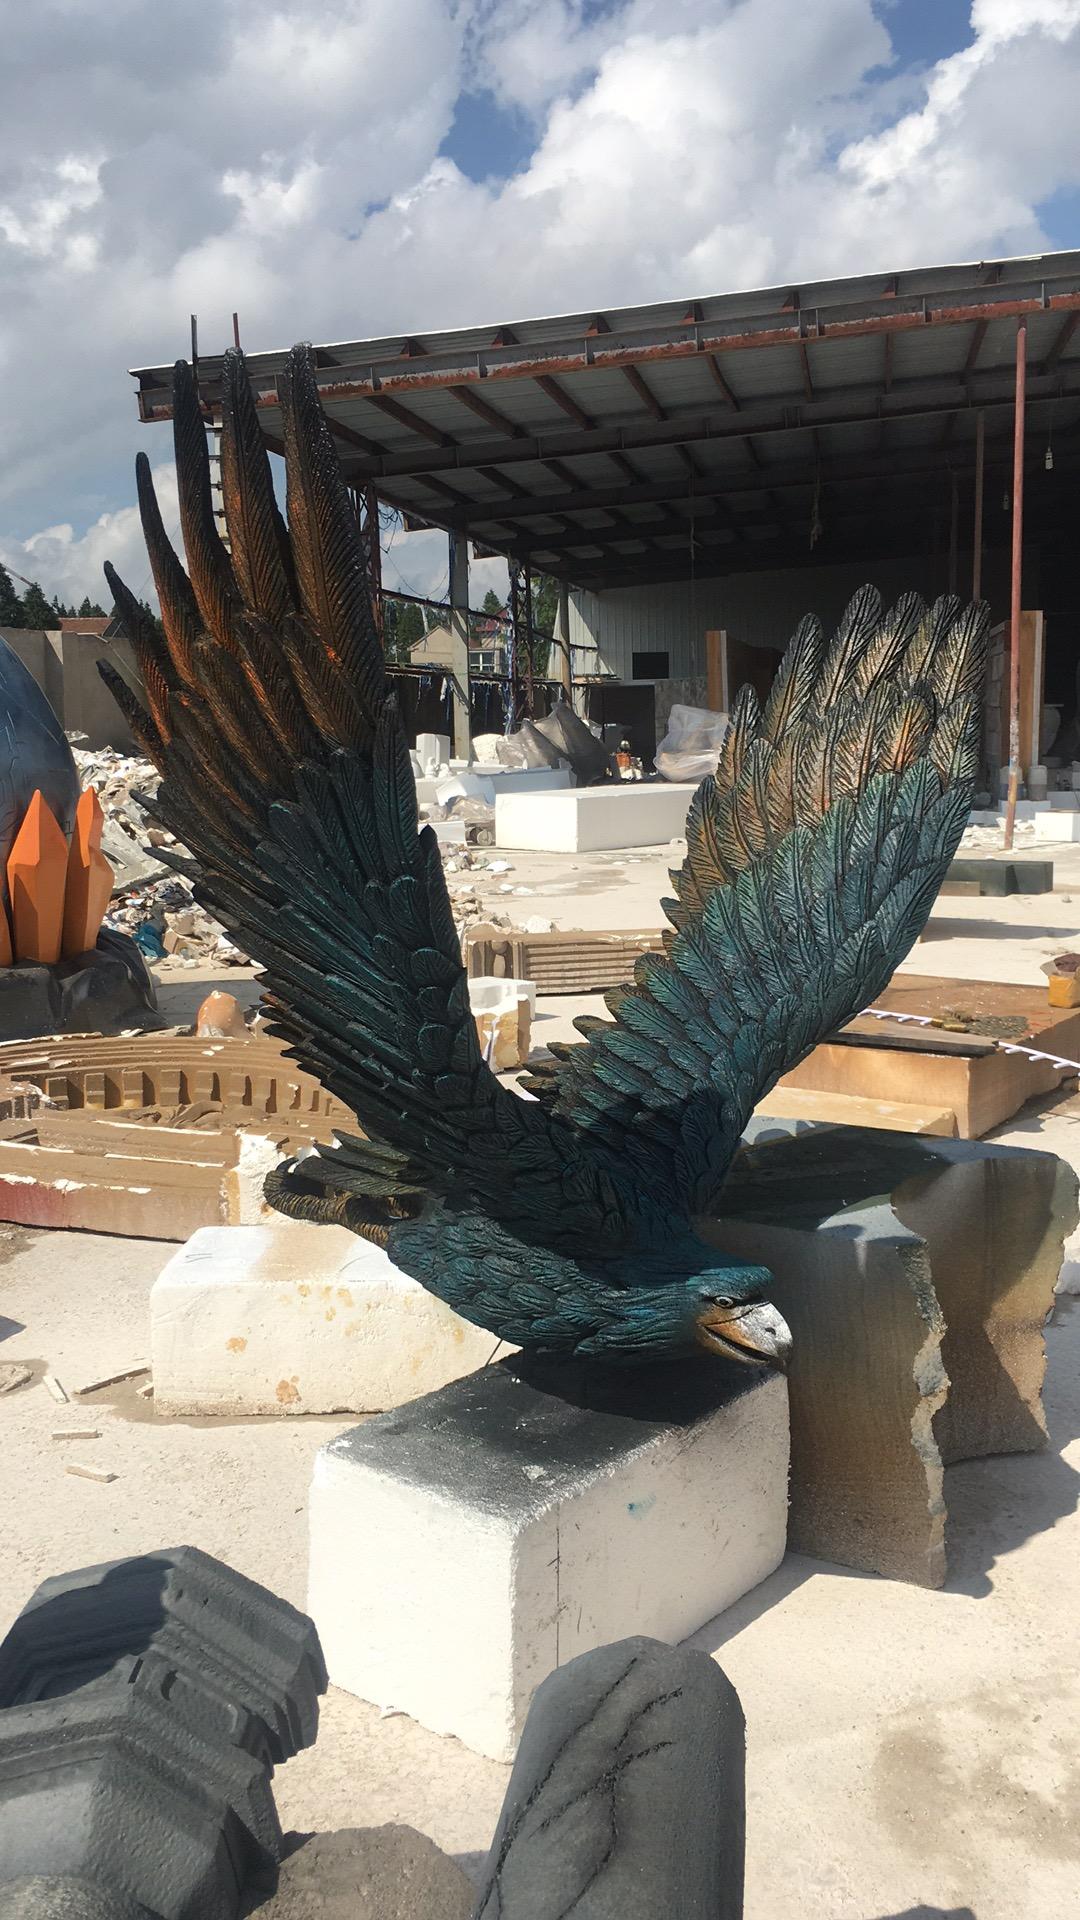 泡沫老鹰雕塑